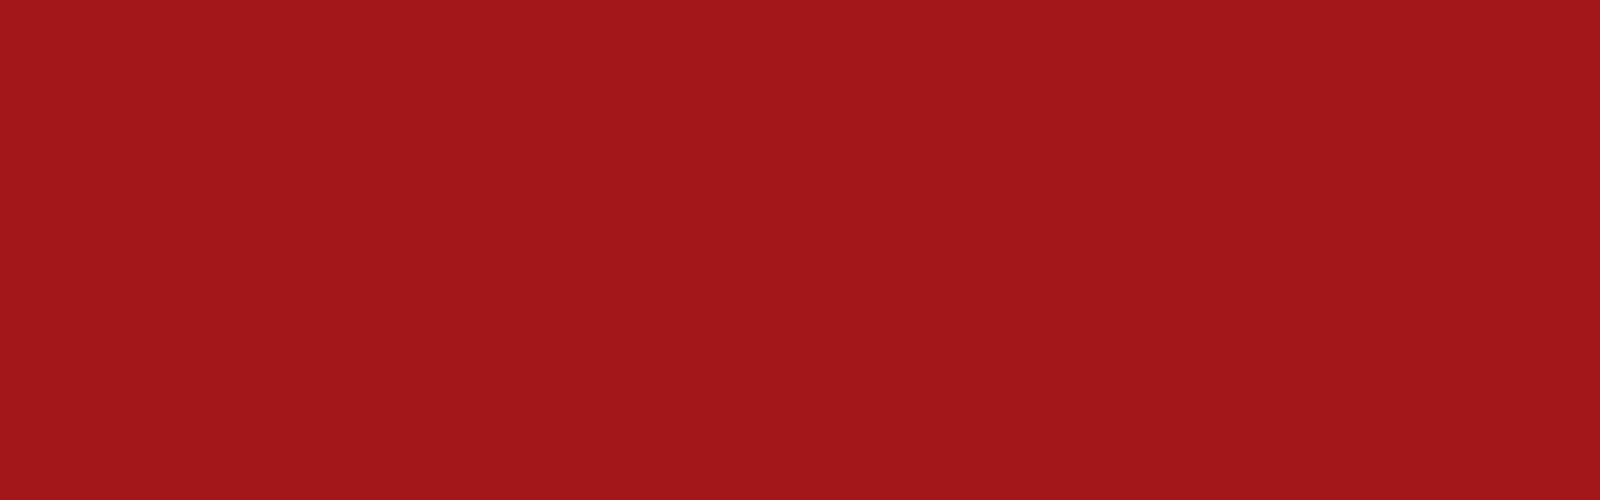 270079 wilckens nopolux hanomag rot kunstharzlack. Black Bedroom Furniture Sets. Home Design Ideas